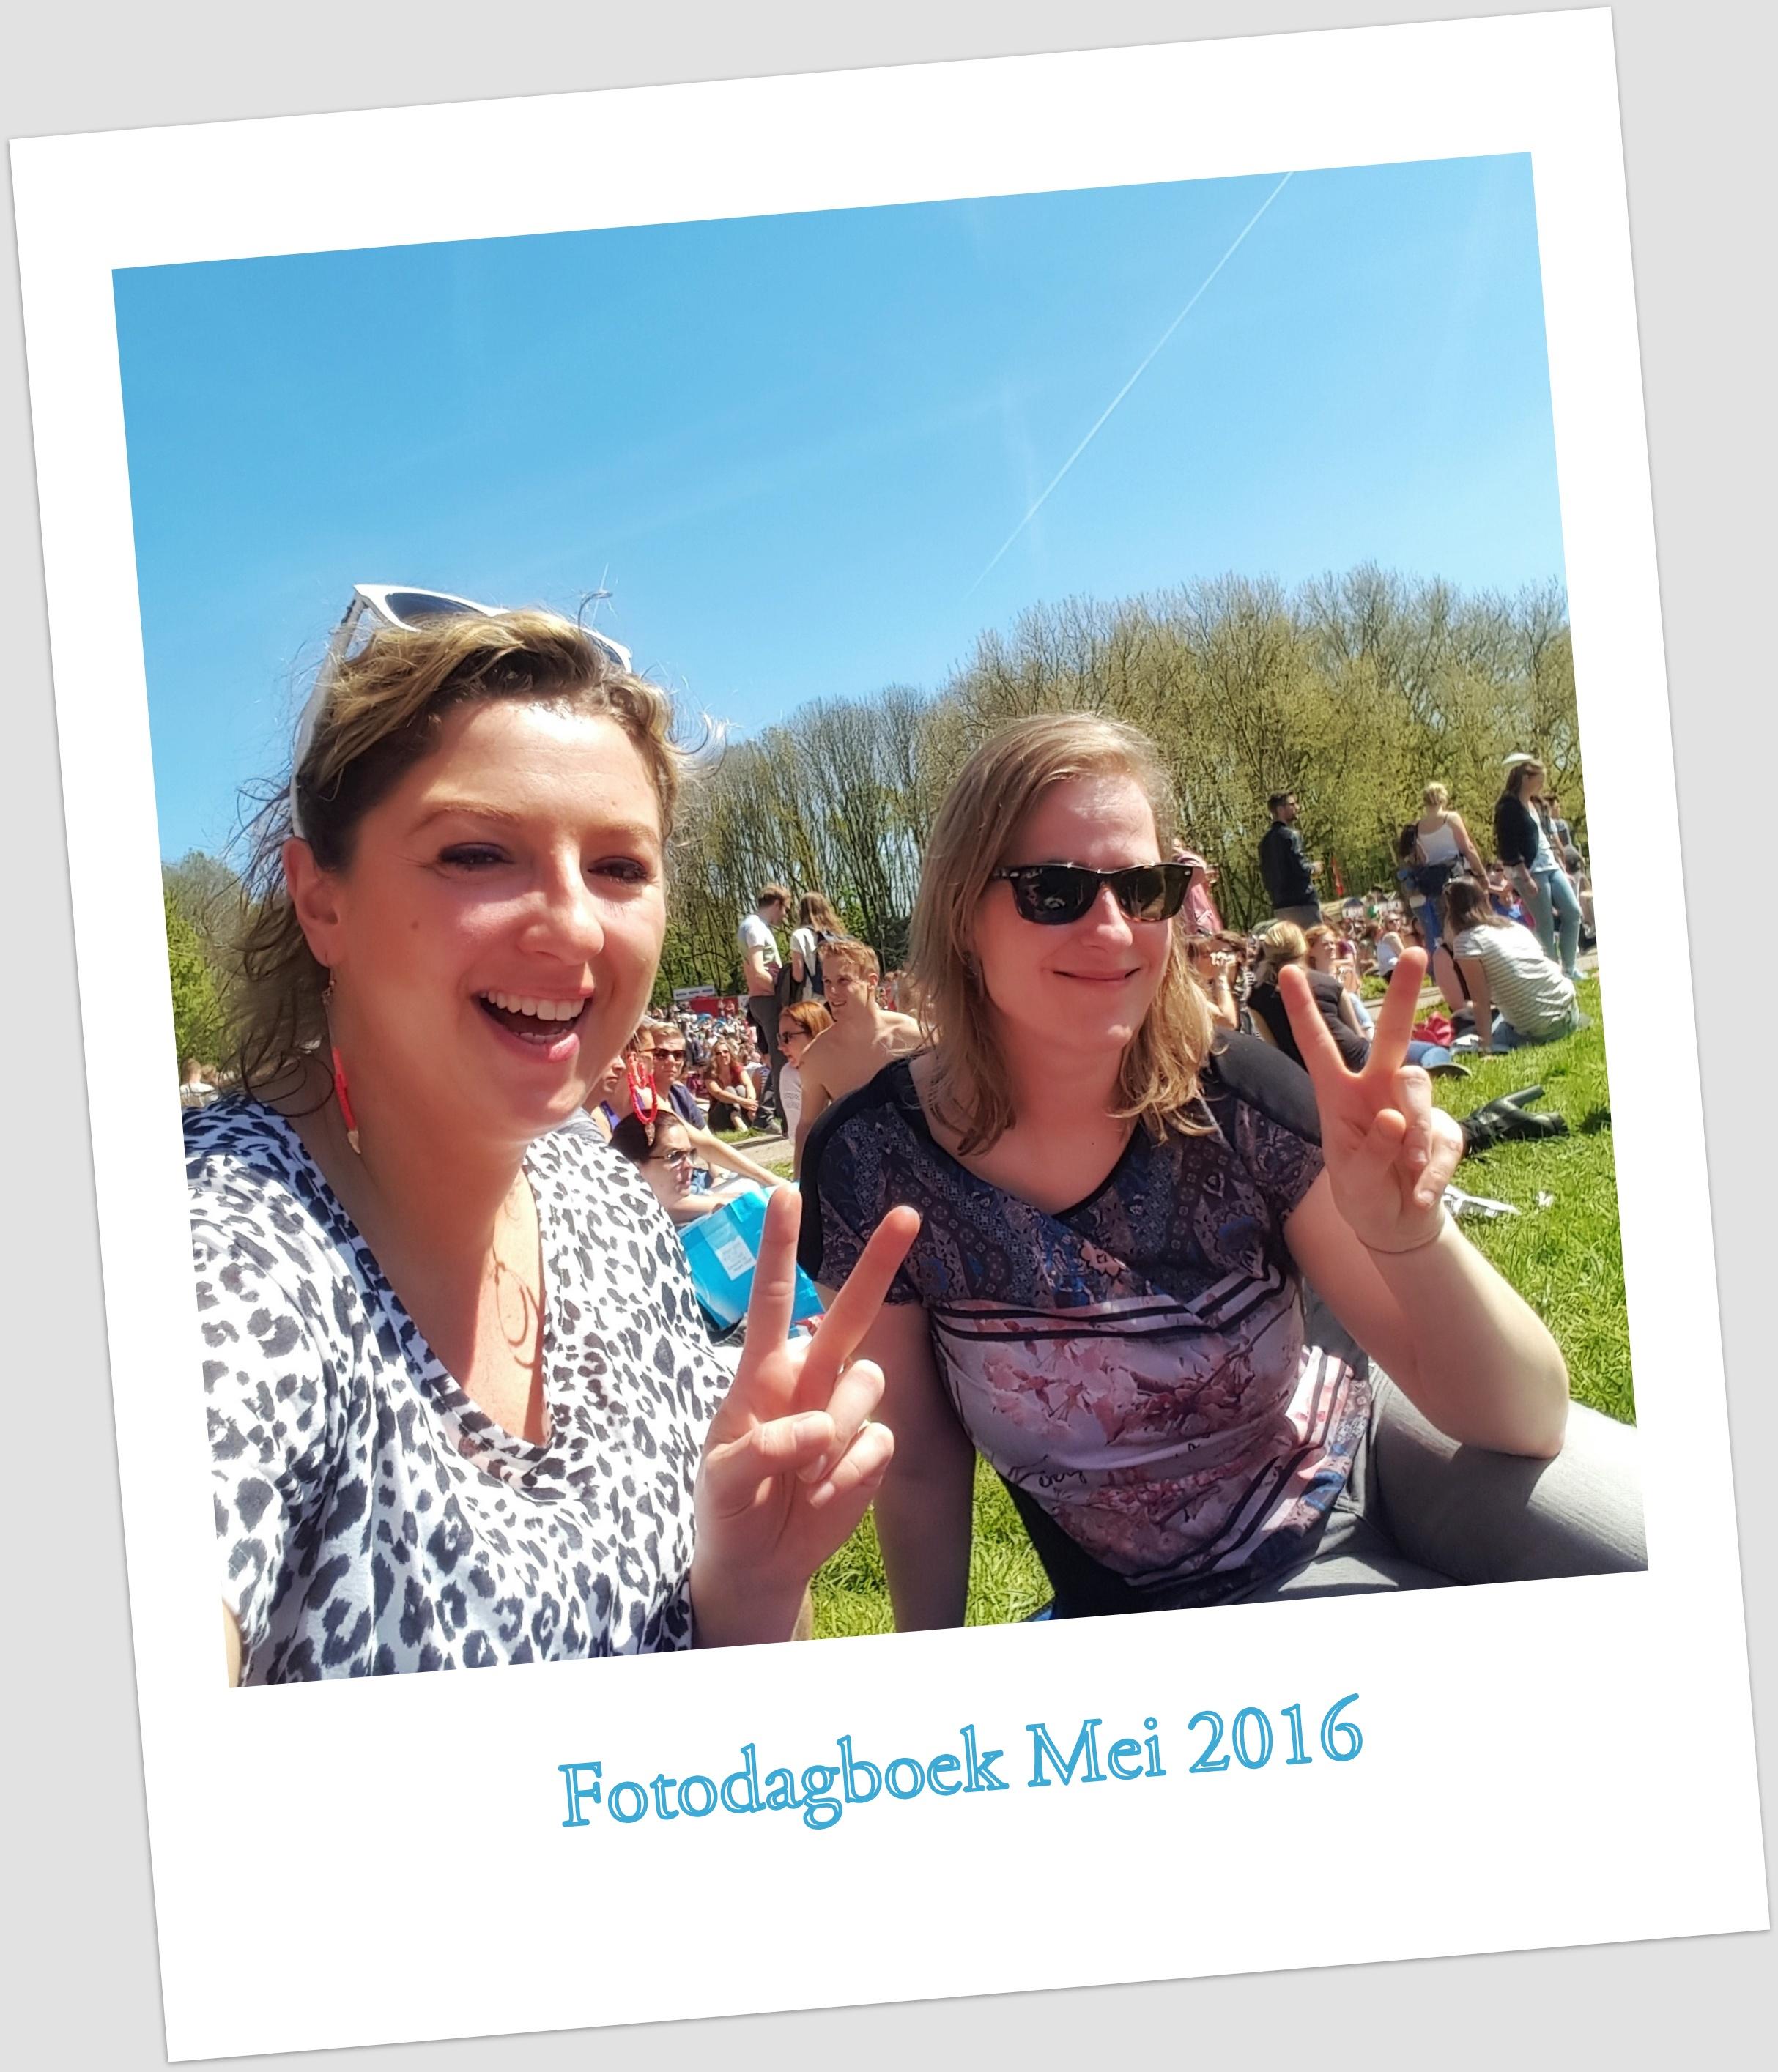 Fotodagboek Mei 2016